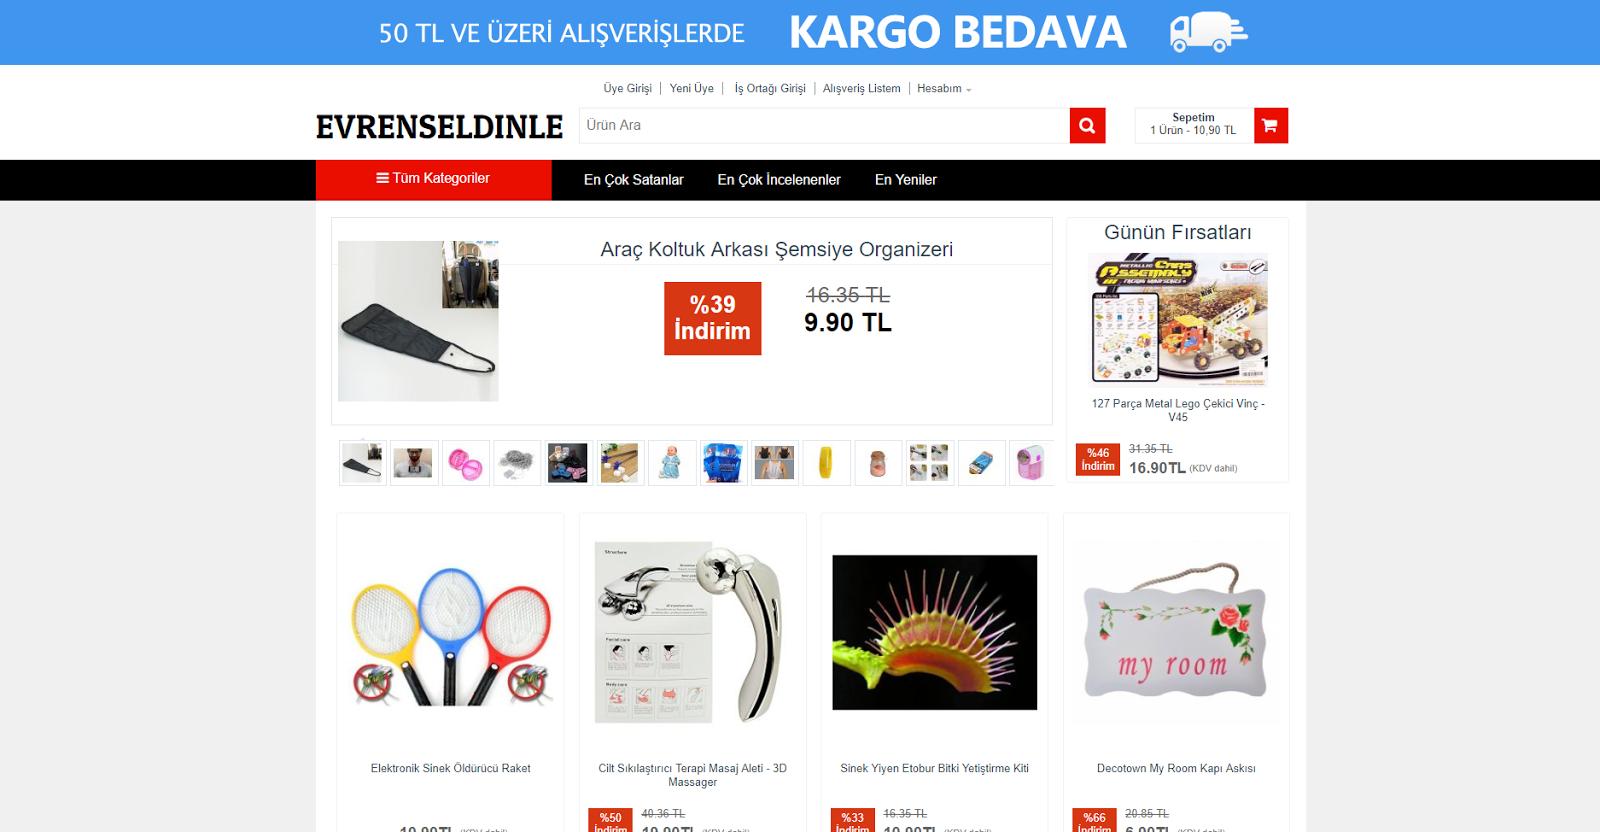 Evrensel Dinle Online mağaza alışveriş sitesi